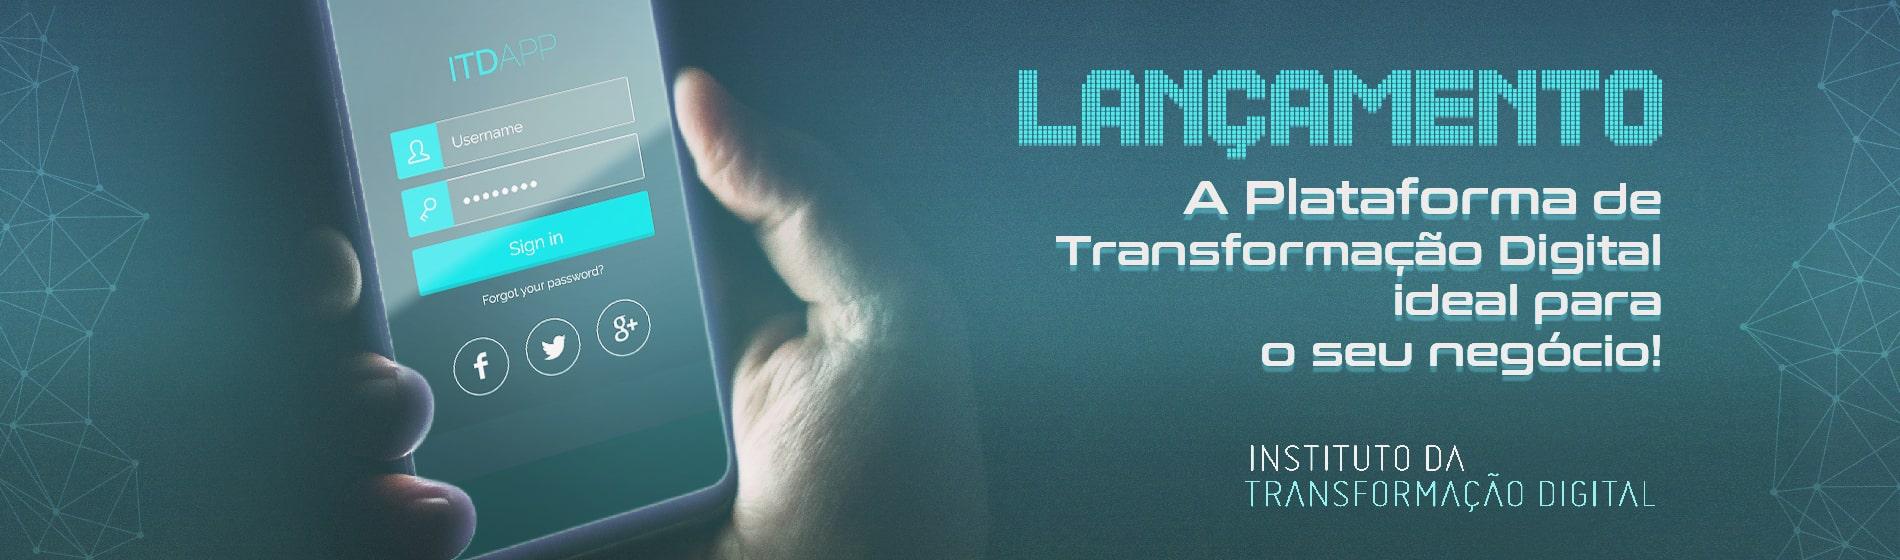 ECOSSISTEMA de Transformação Digital